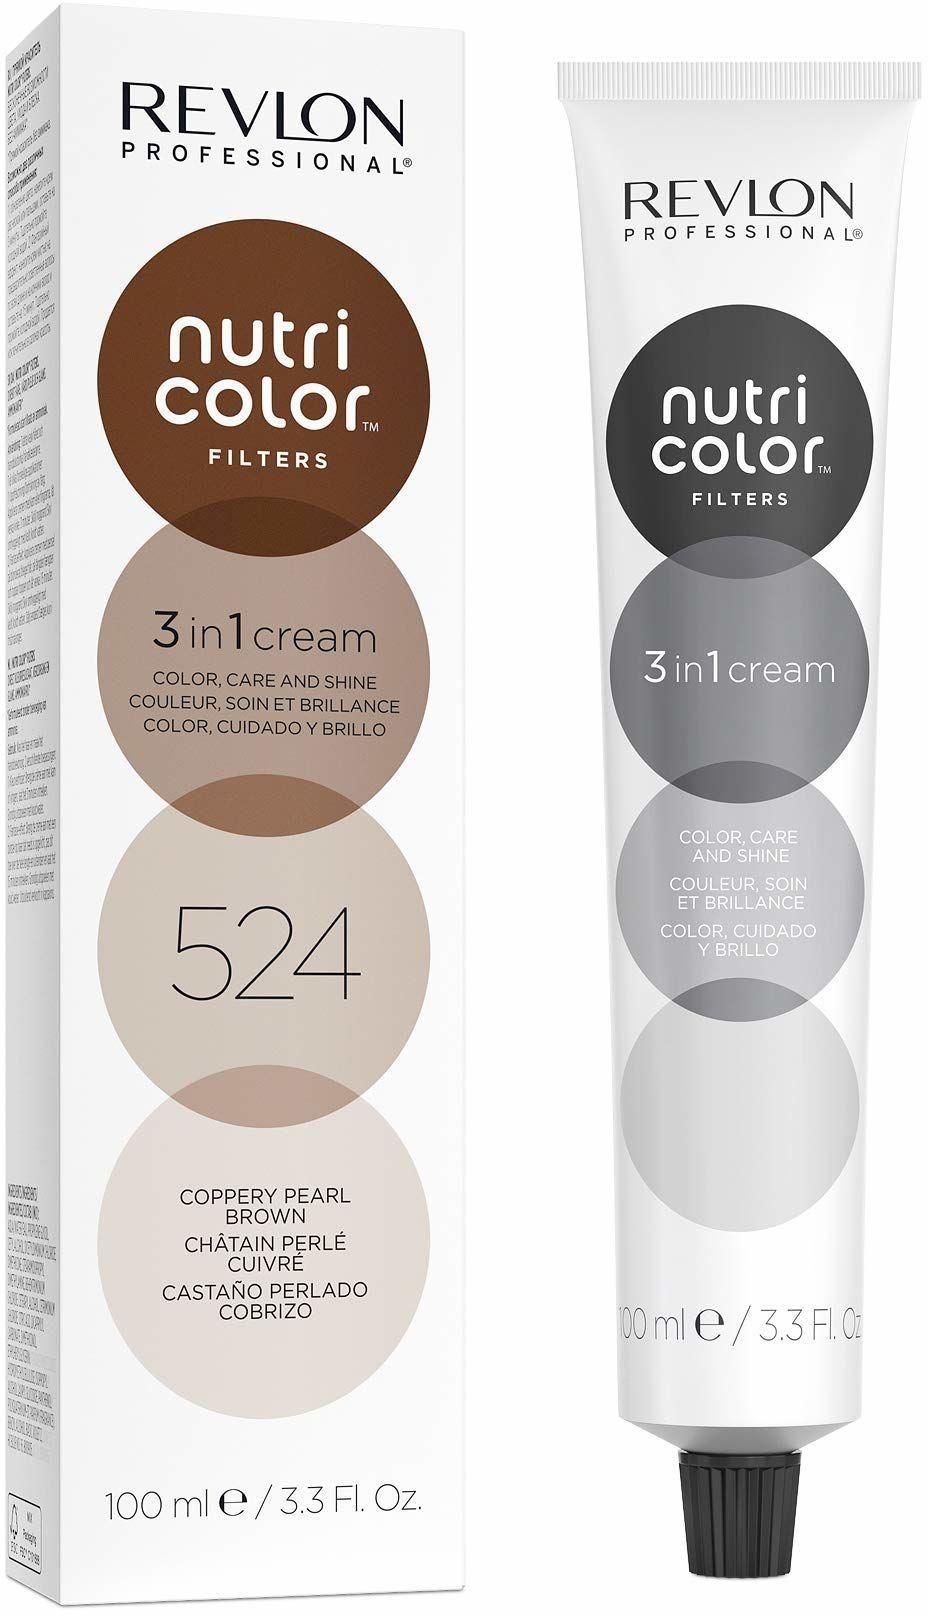 Nutri Color Filter  TONING FILTERS 524 jasnobrązowy irisé miedź, 100 ml, pielęgnująca maska z technologią Insta-PIC-TECHNOLOGY , maska barwiąca do odświeżenia kolorów kasztanowców